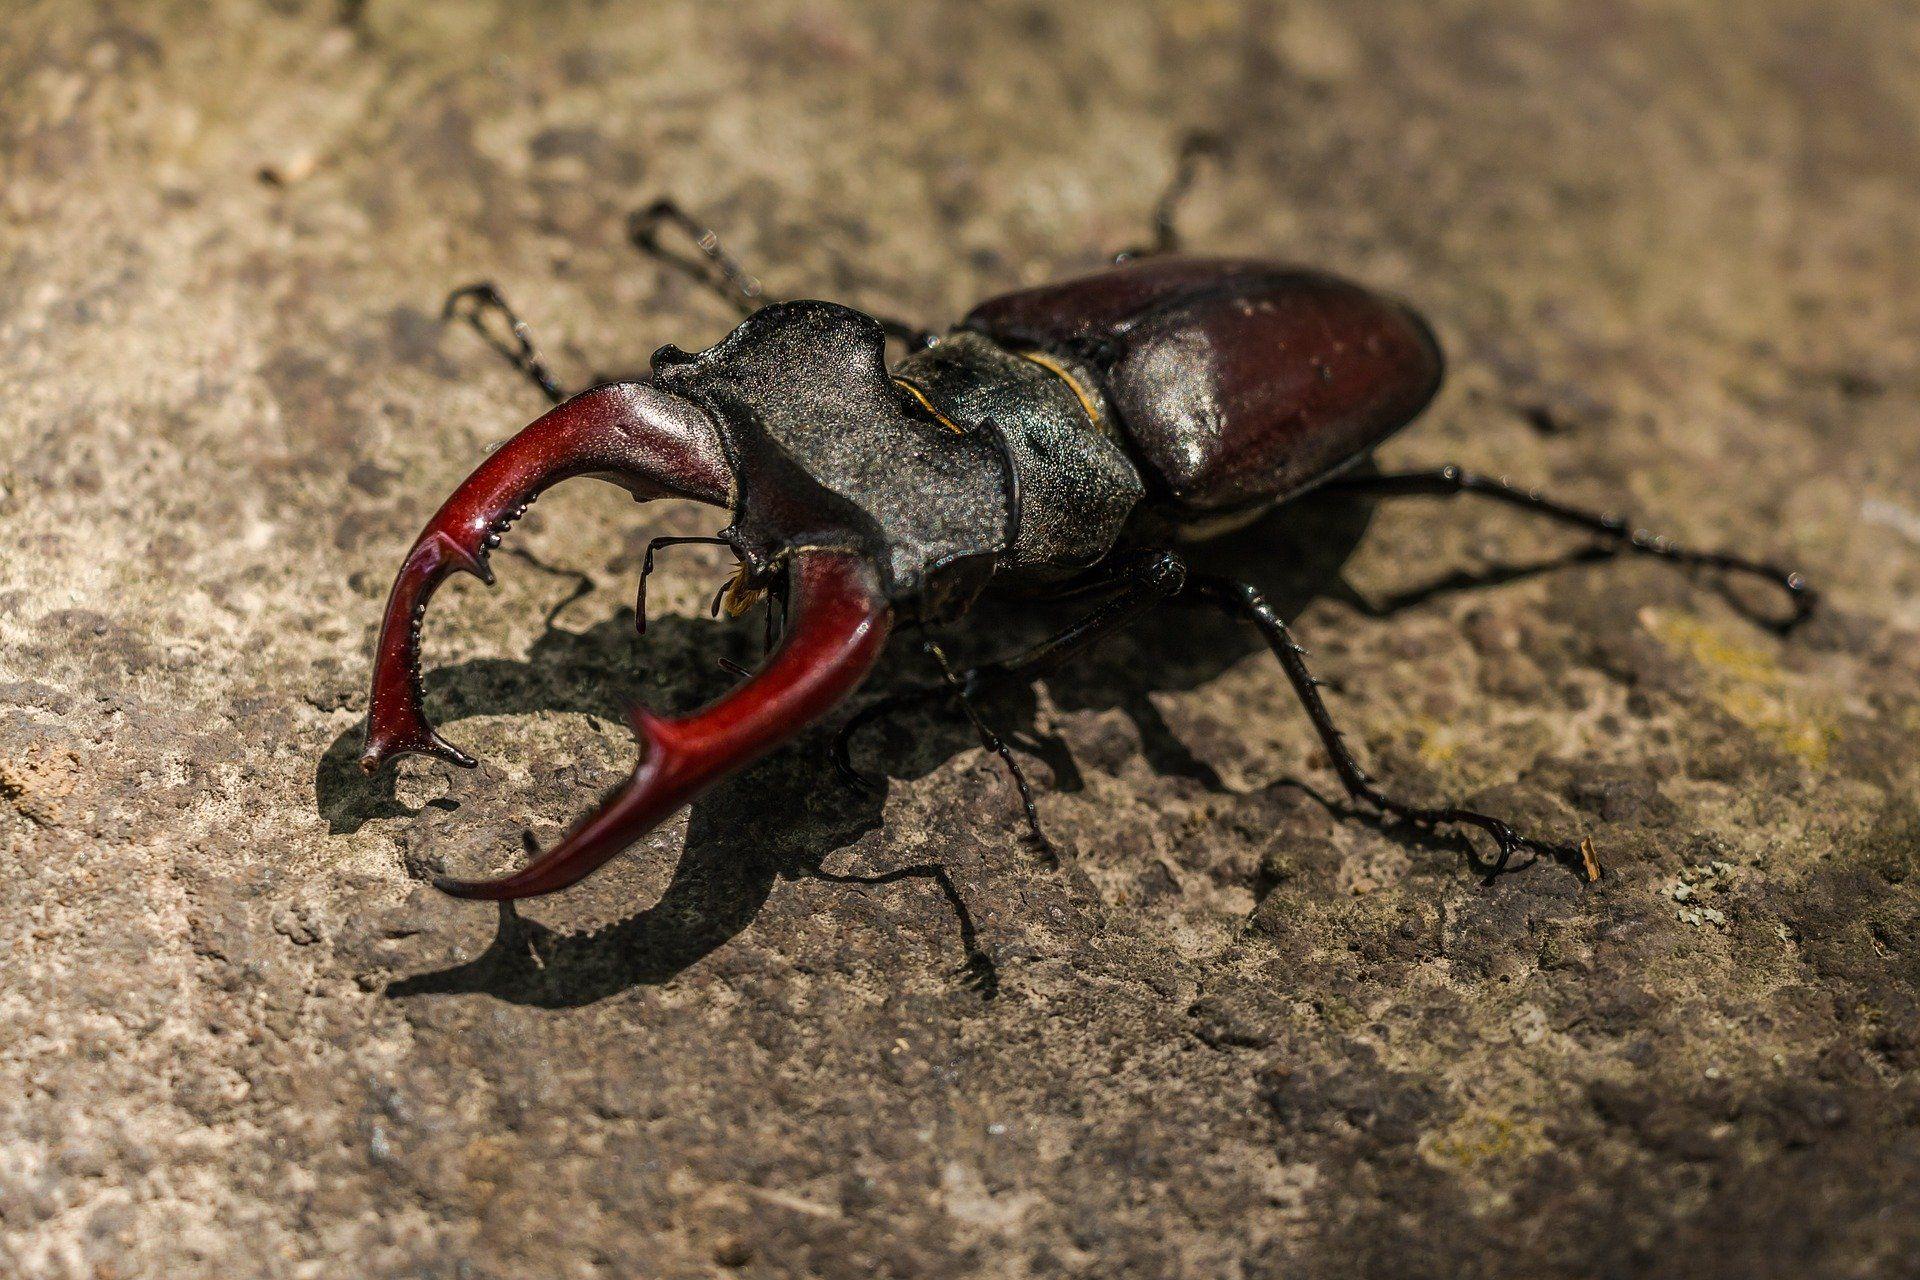 Скачать бесплатно красивую картинку жука в природе